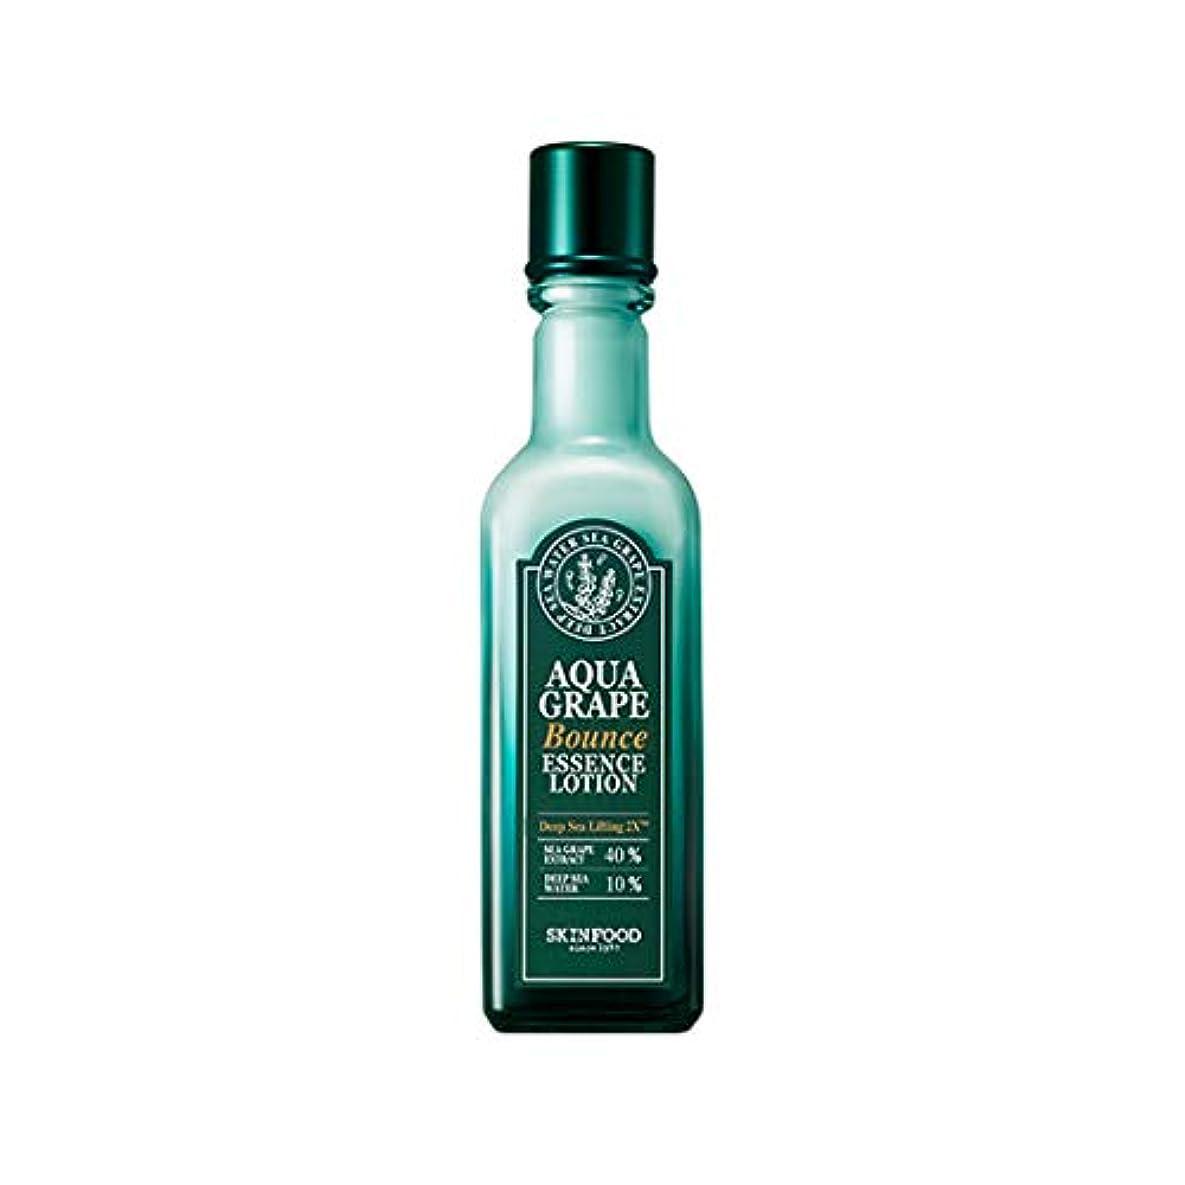 悪名高いグラス不屈Skinfood アクアグレープバウンスエッセンスローション/Aqua Grape Bounce Essence Lotion 120ml [並行輸入品]